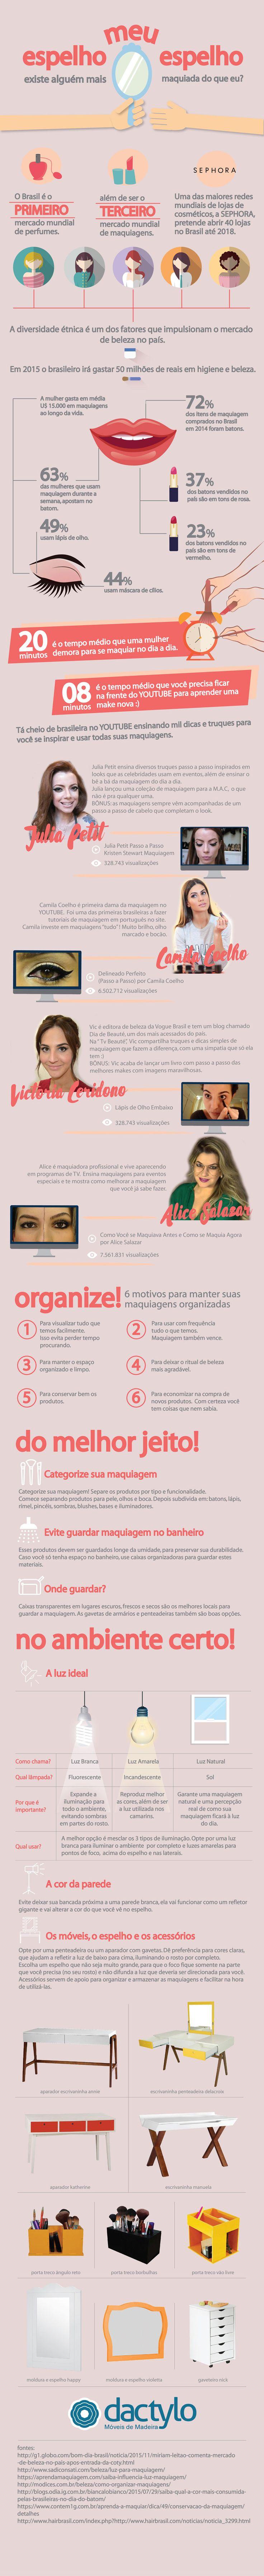 iinfográfico de maquiagem que cita os melhores canais do youtube para aprender a se maquiar ( Julia Petit, Vic Ceridono, Camila Coelho, Alice Salazar) e te ensina a montar seu espaço para maquiagens